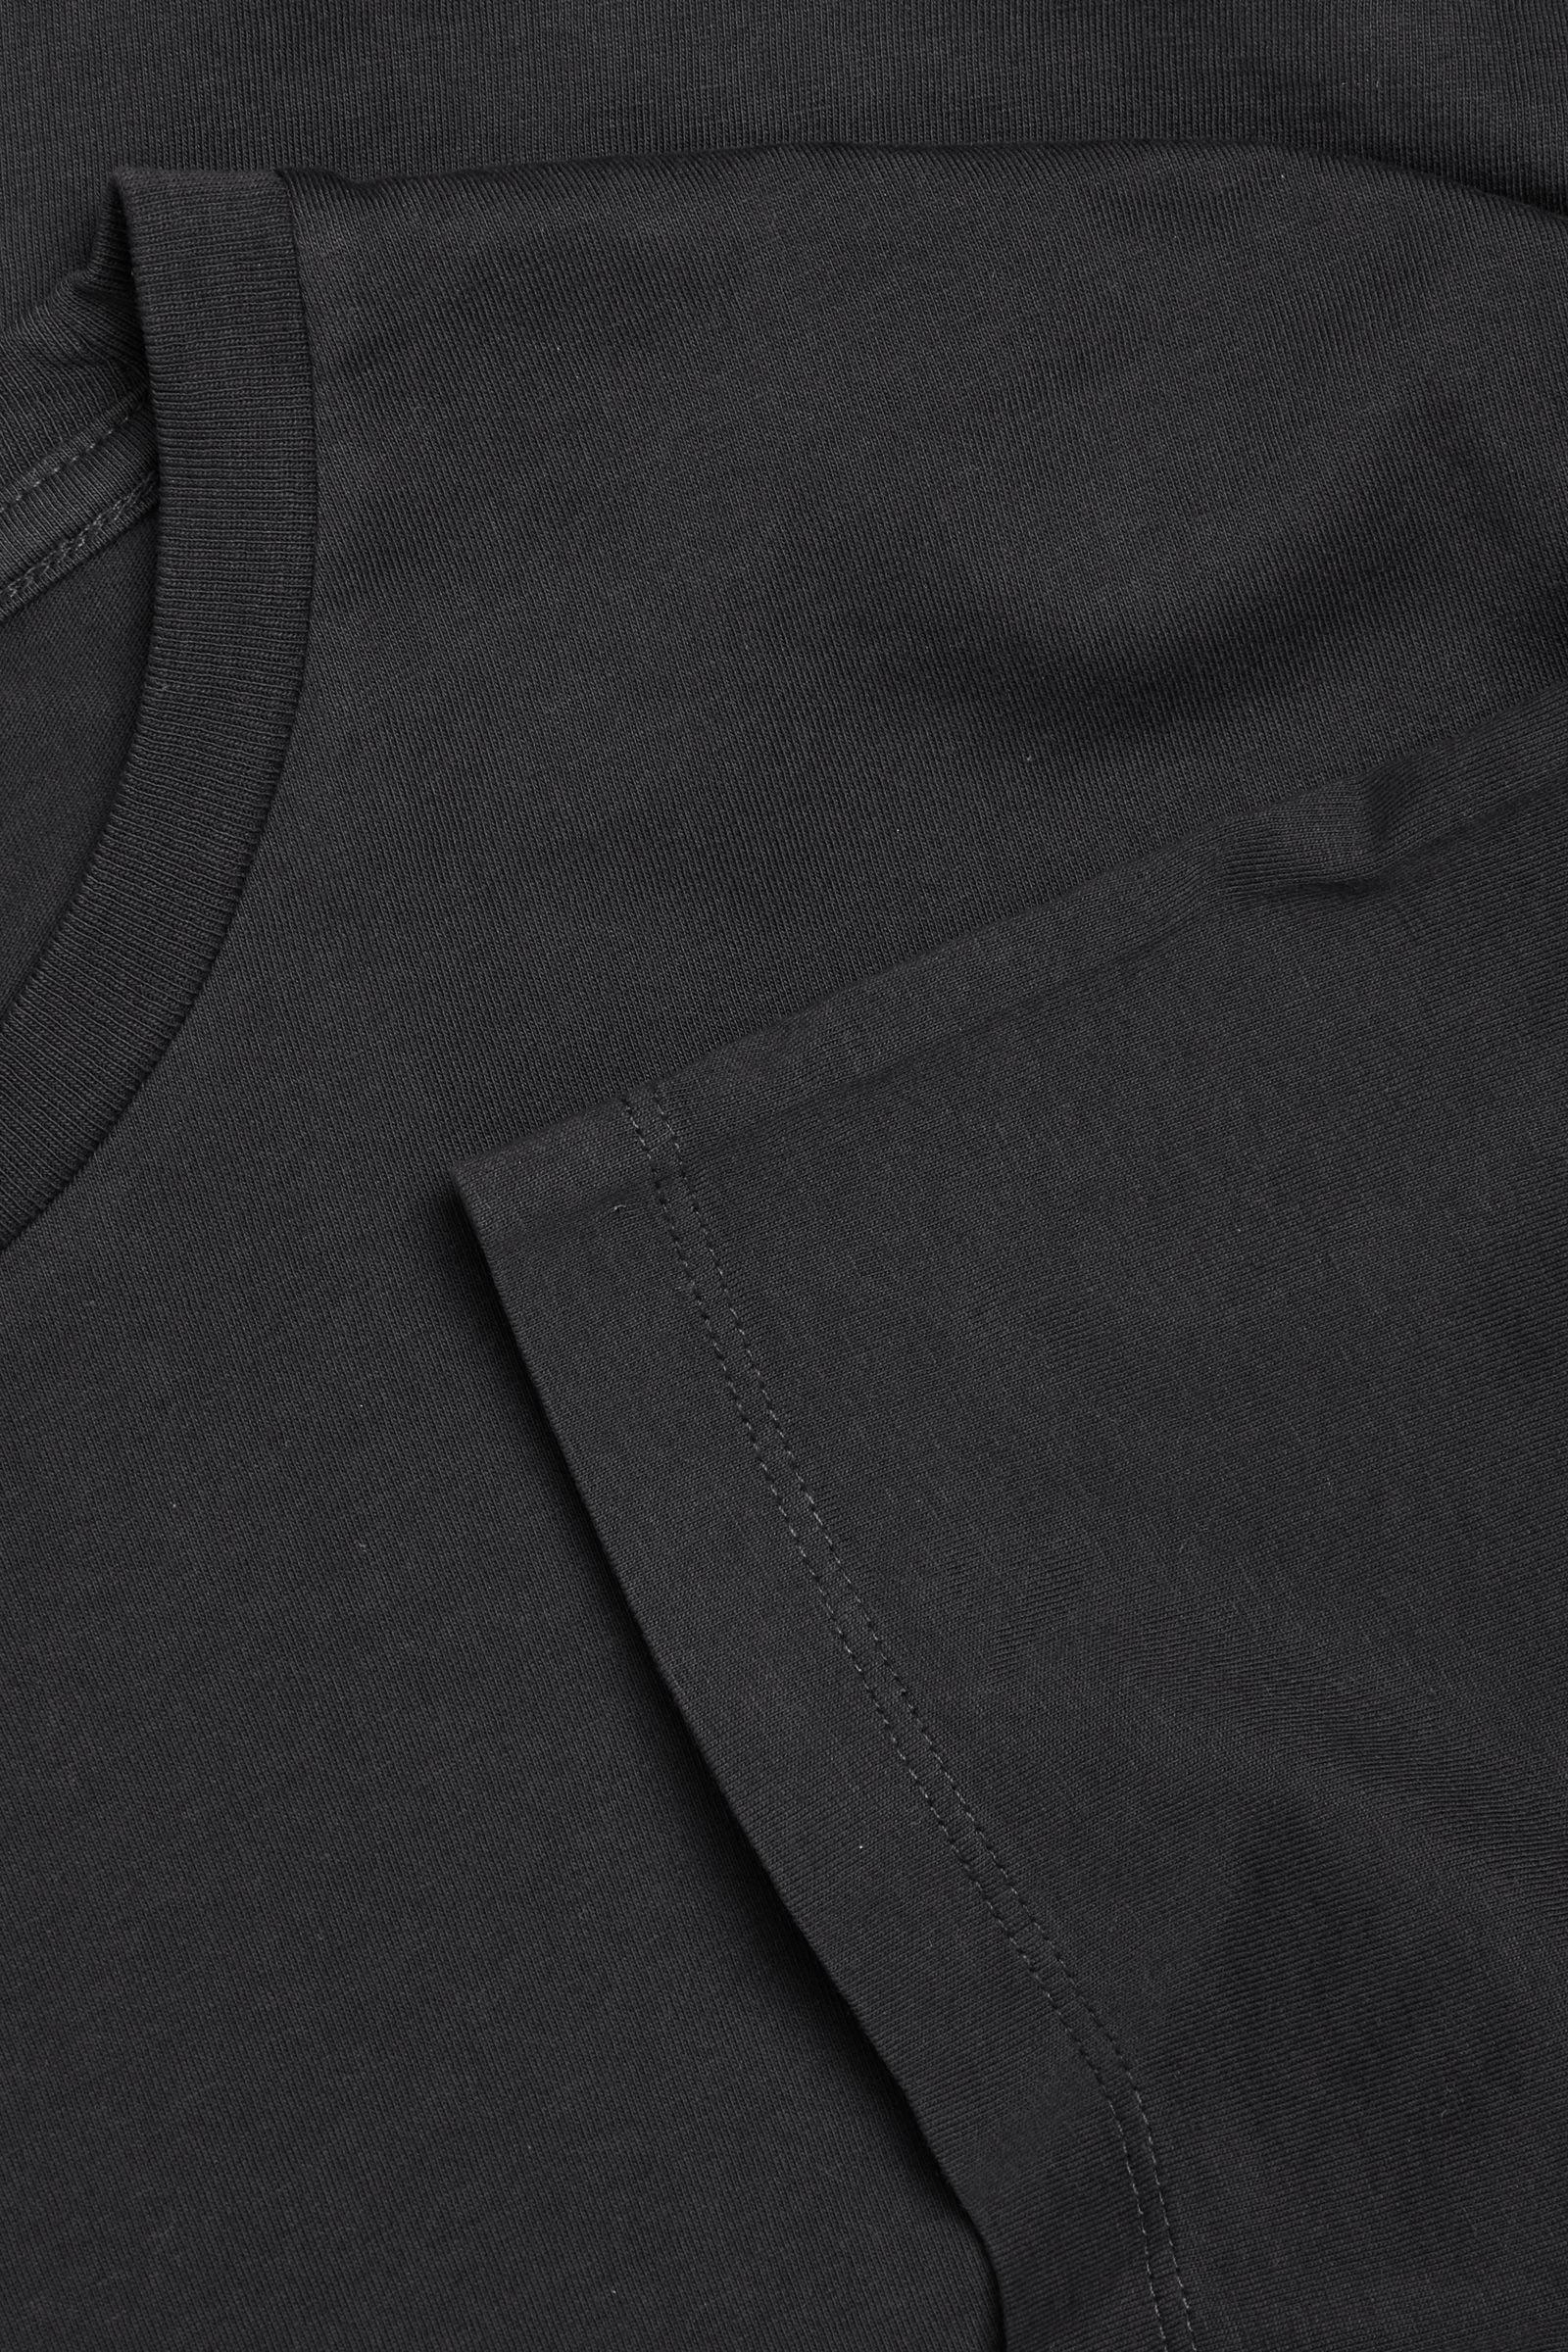 COS 라운드 넥 티셔츠의 블랙컬러 Detail입니다.